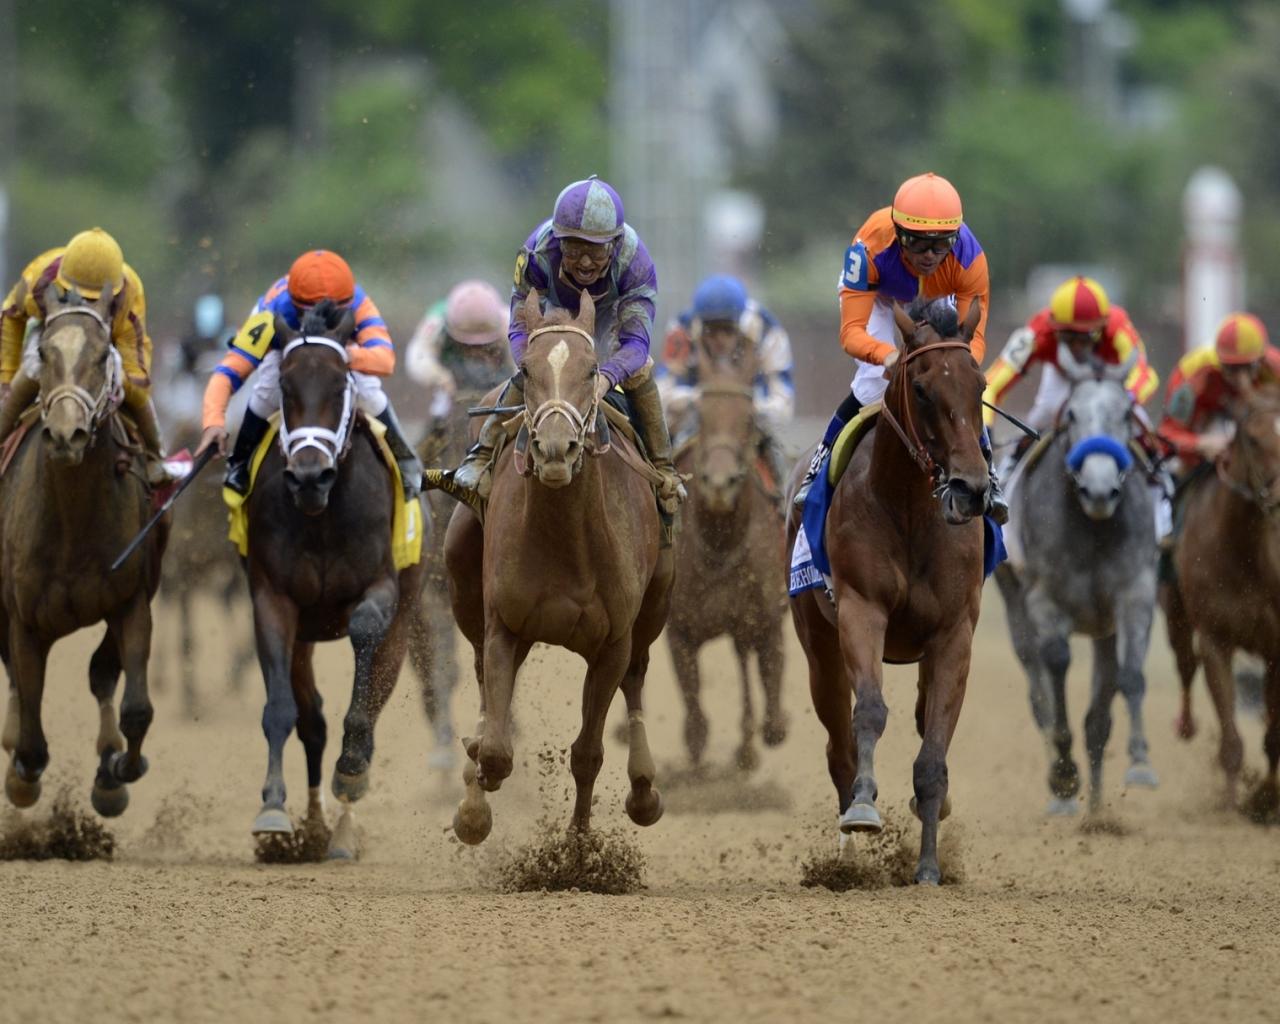 Carreras de caballos - 1280x1024